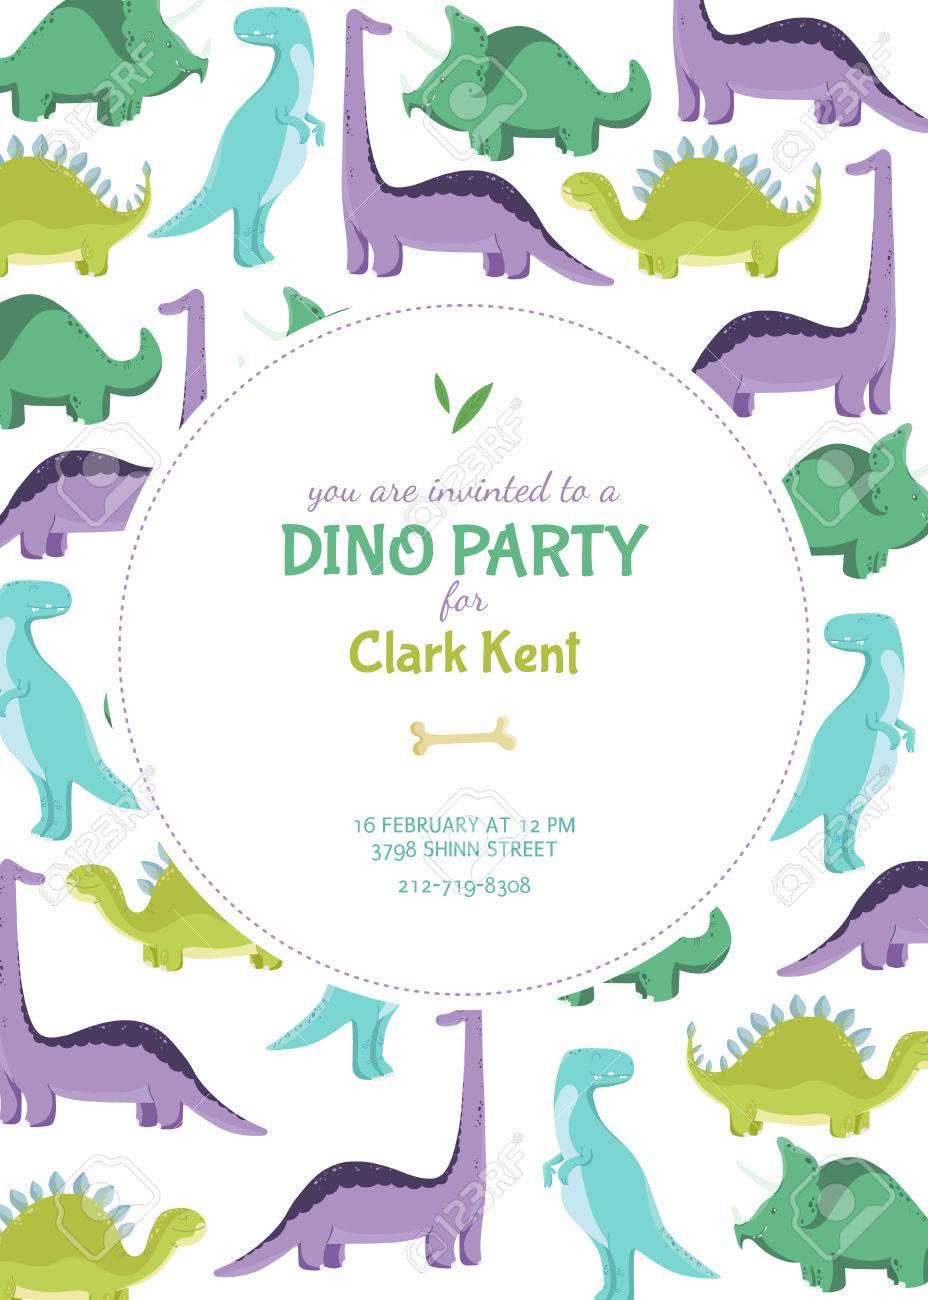 Tarjeta De Invitación O Un Cartel En El Partido De Dino Ilustración Del Vector Con Los Dinosaurios De Colores Plantilla Con Un Lugar Para El Texto